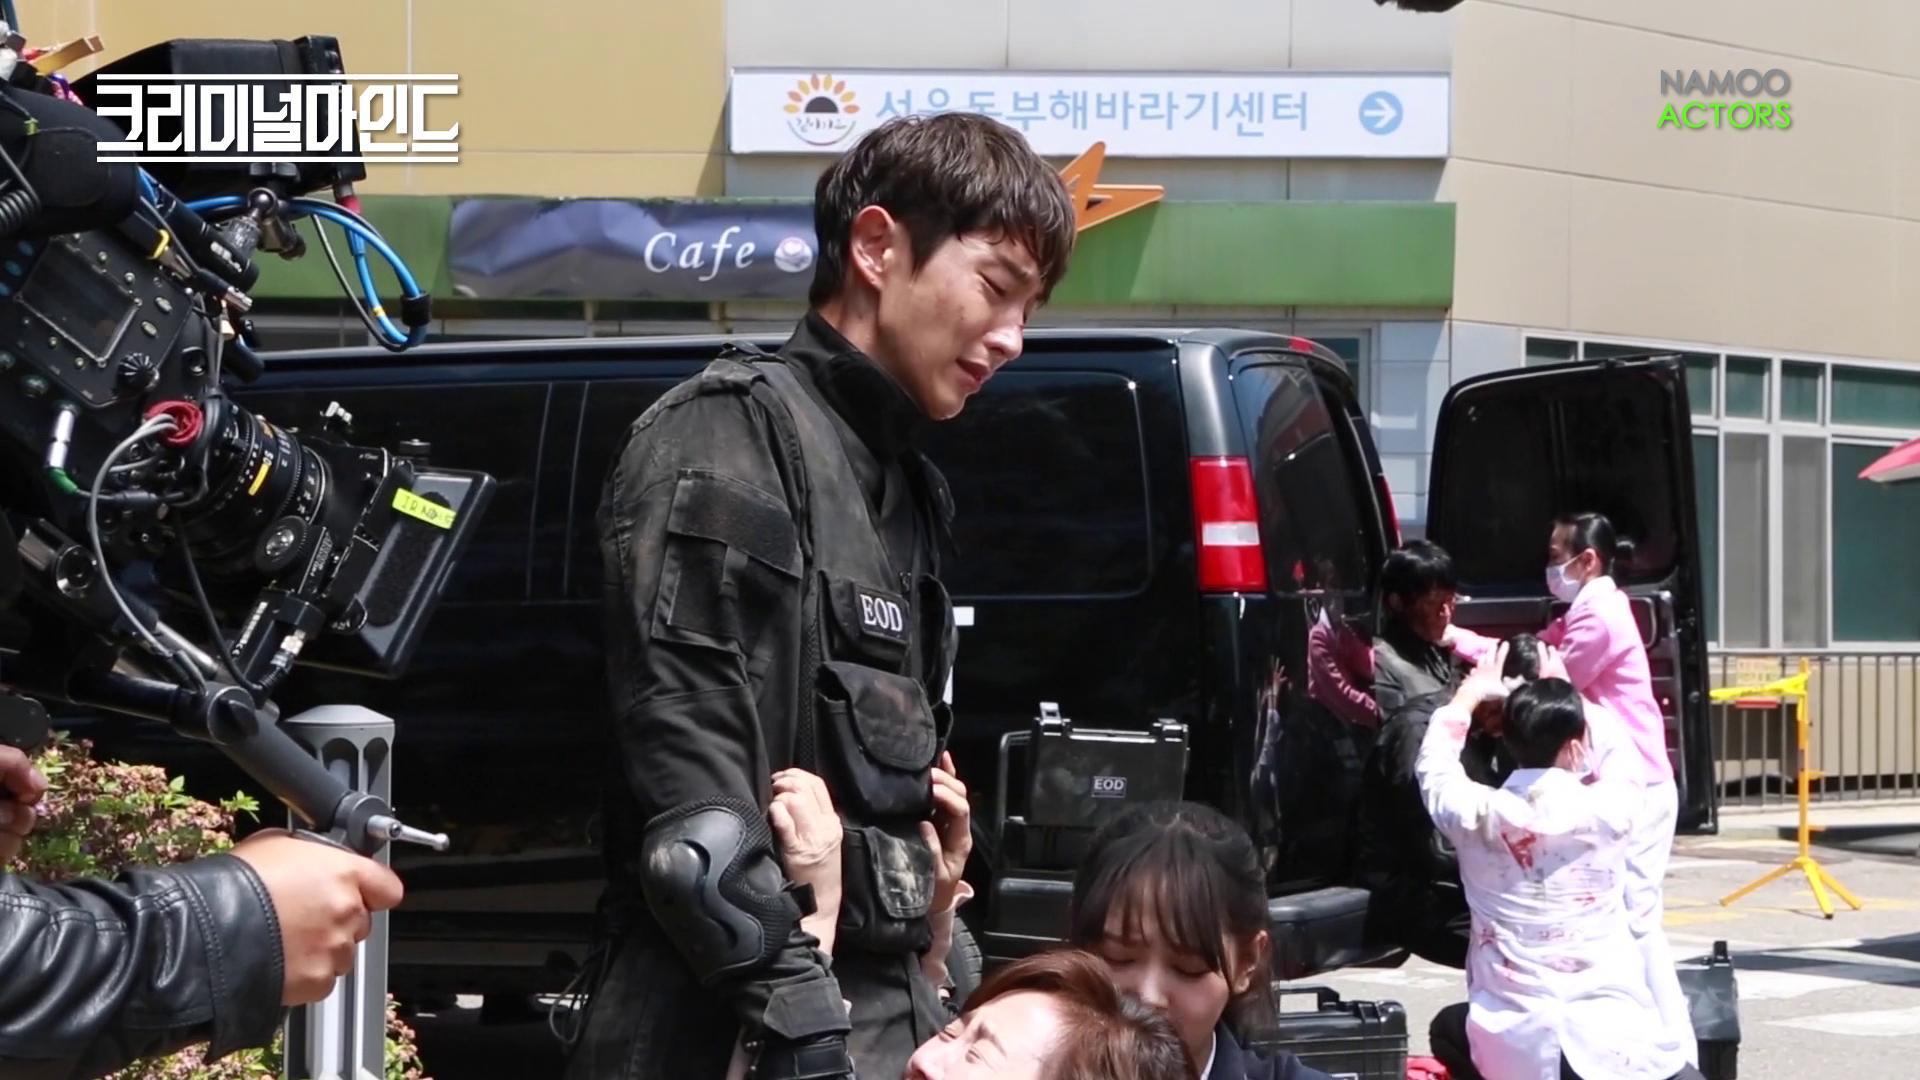 [이준기] '크리미널마인드' 폭탄 진압 현장 뒷이야기